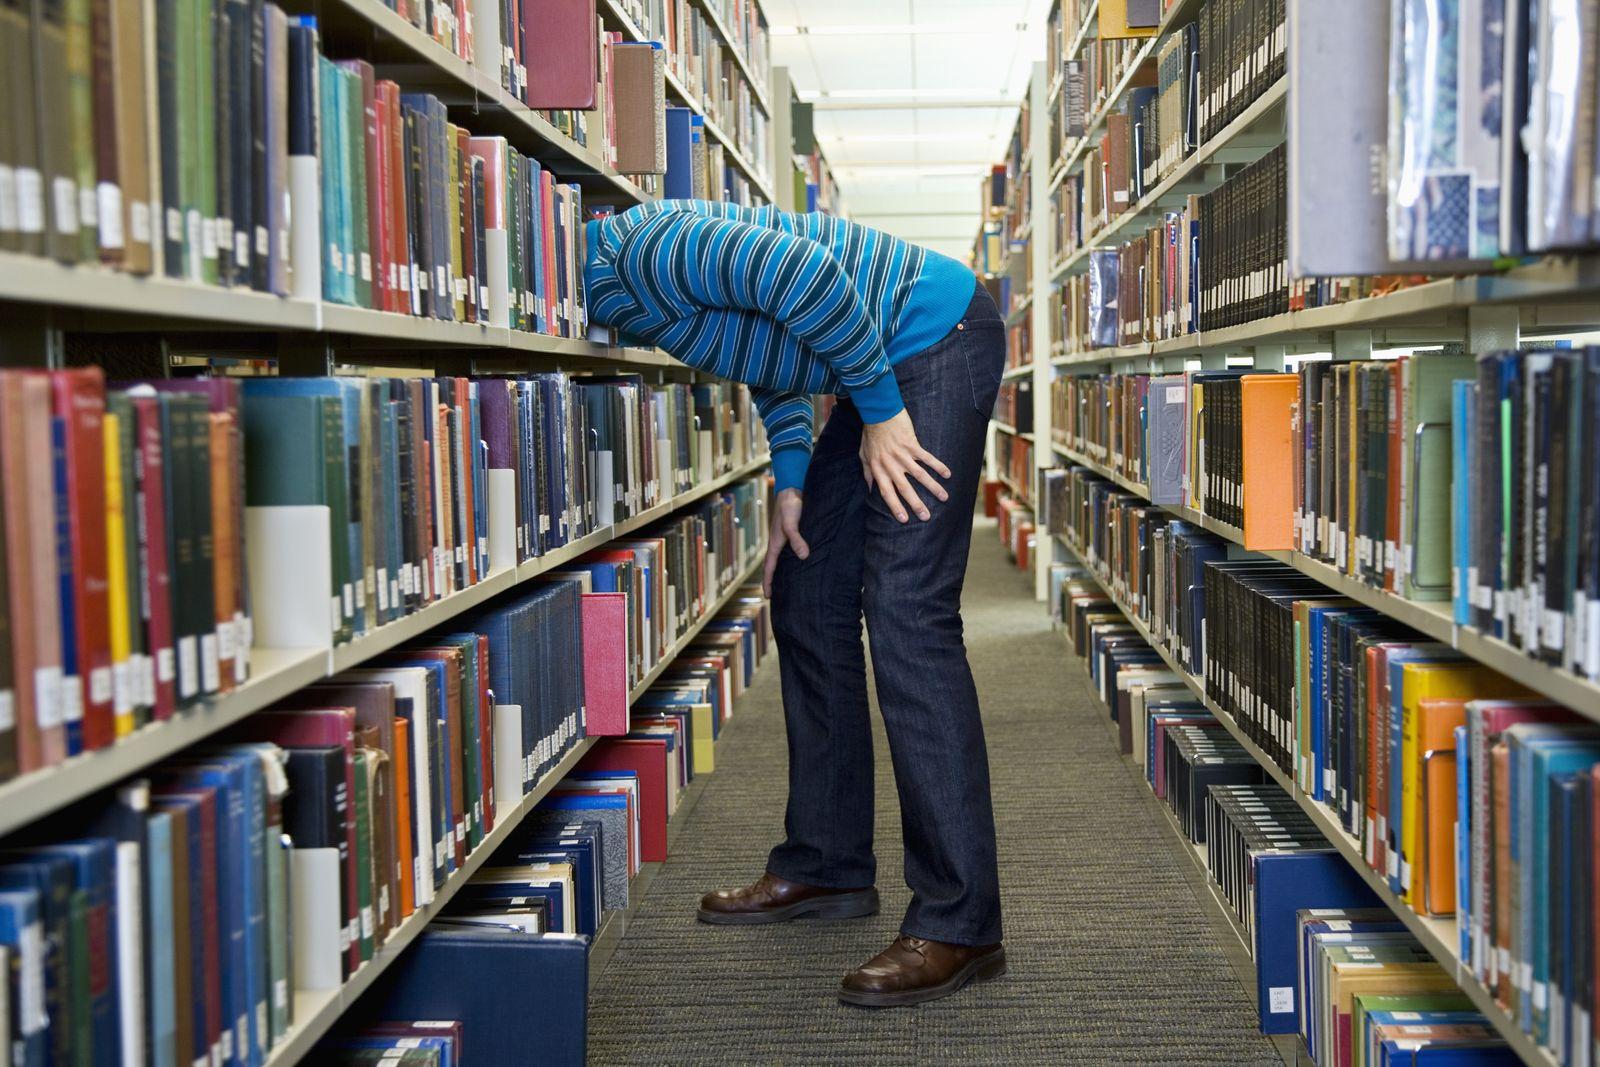 NICHT MEHR VERWENDEN! - Bibliothek / Bücherei / Wissen / Bildung